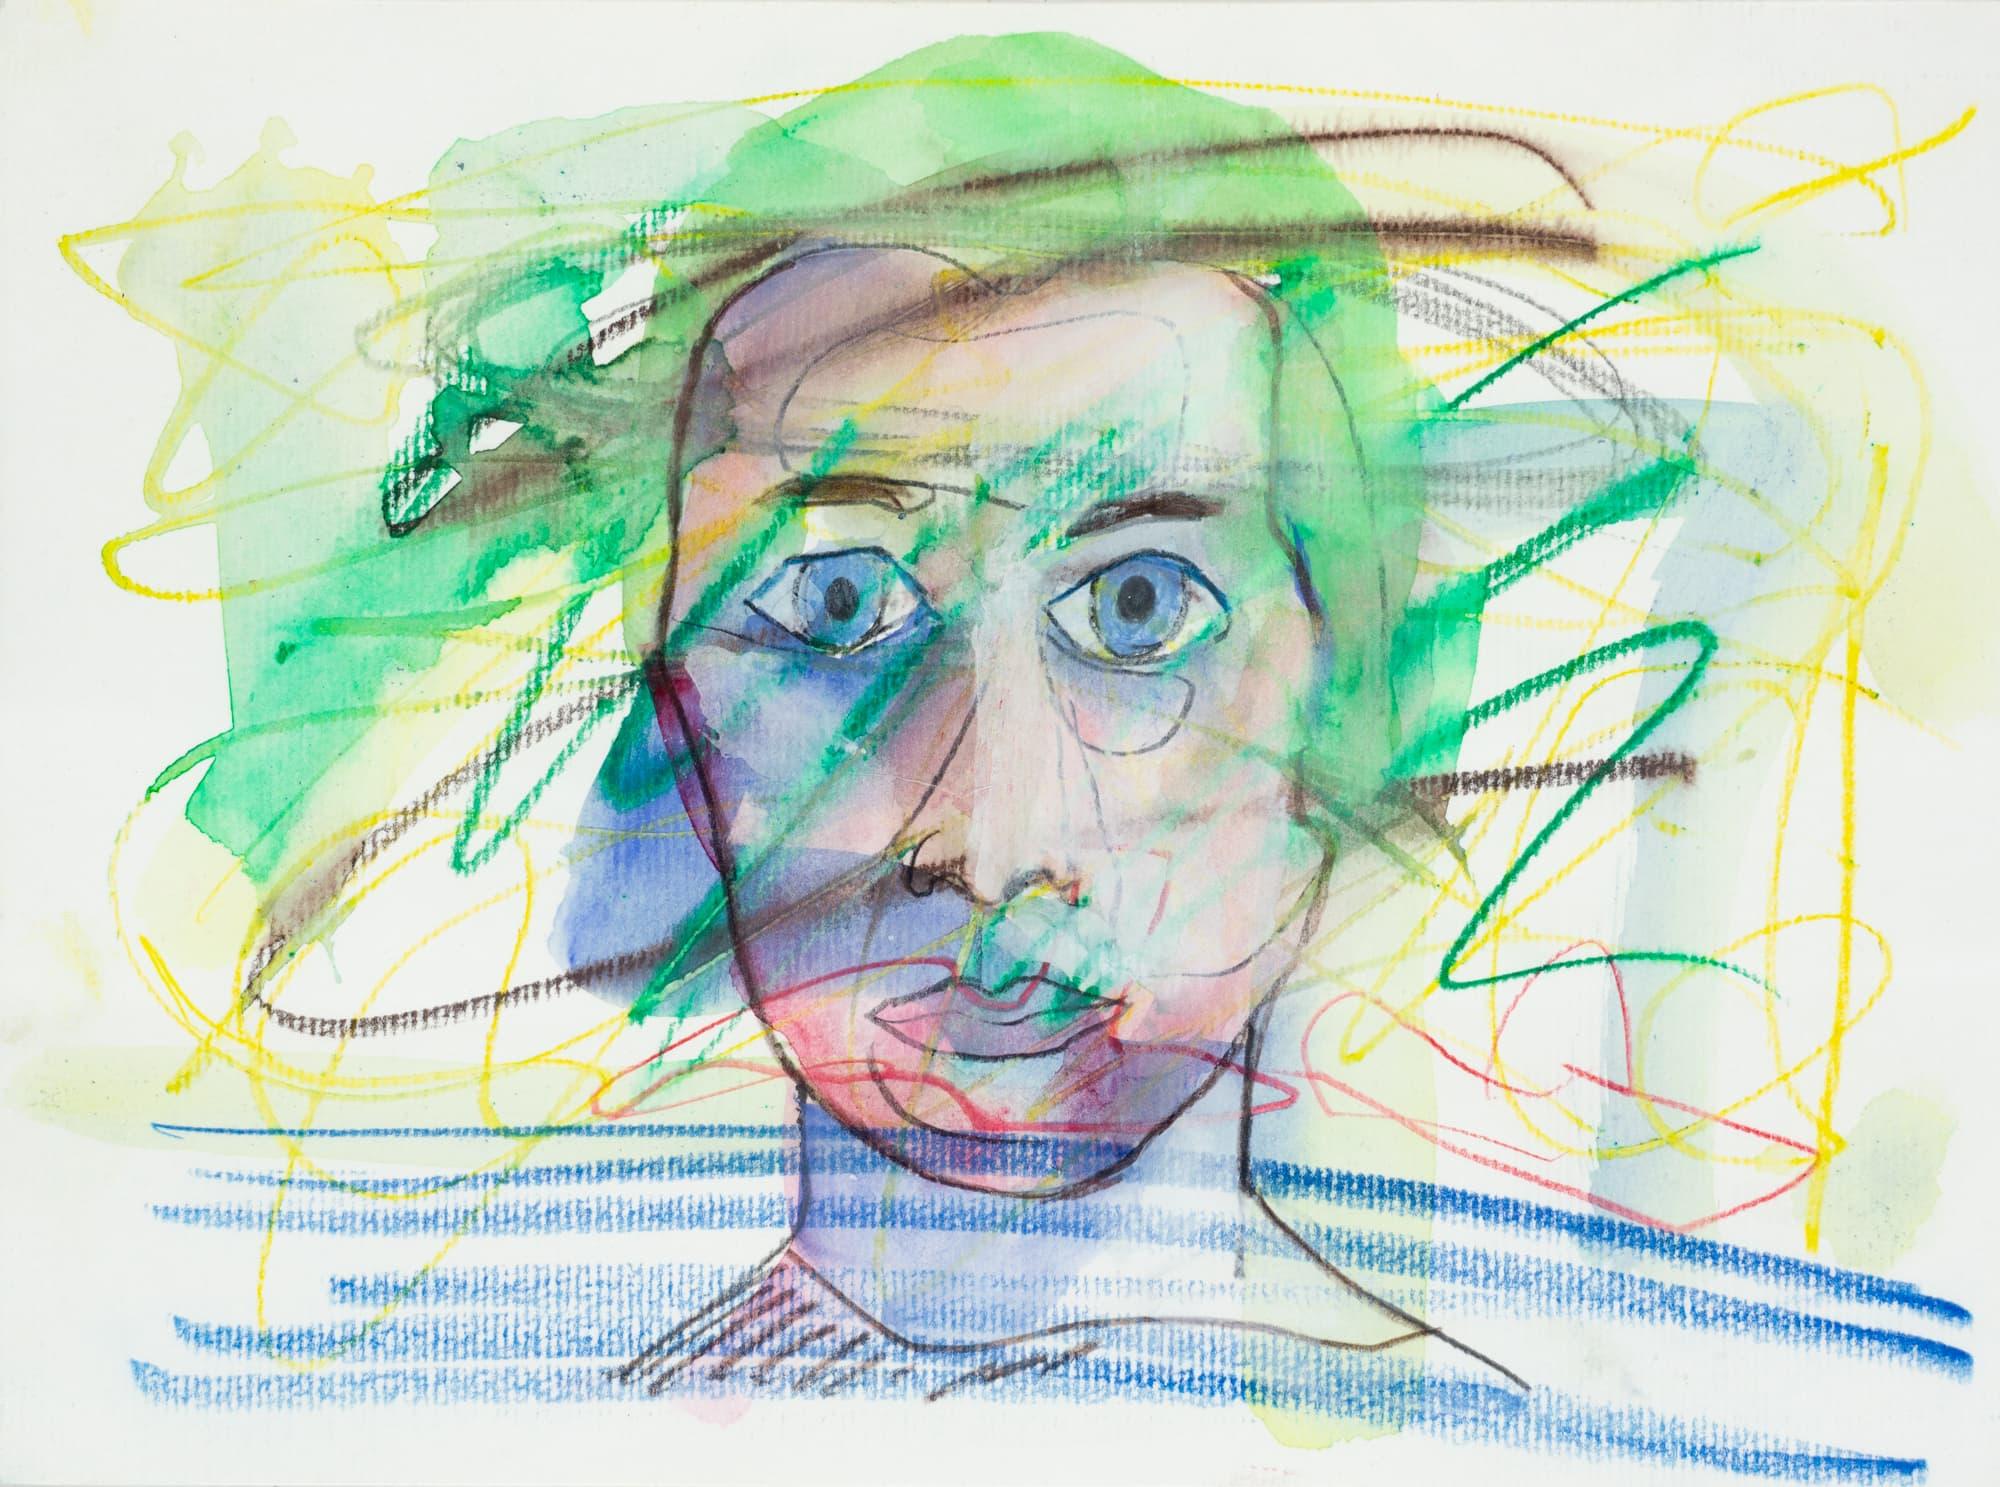 Mischtechnik, Aquarell und Farbstift auf Papier, 28,2cm x 20,9cm, Portrait, artist: Franziska King